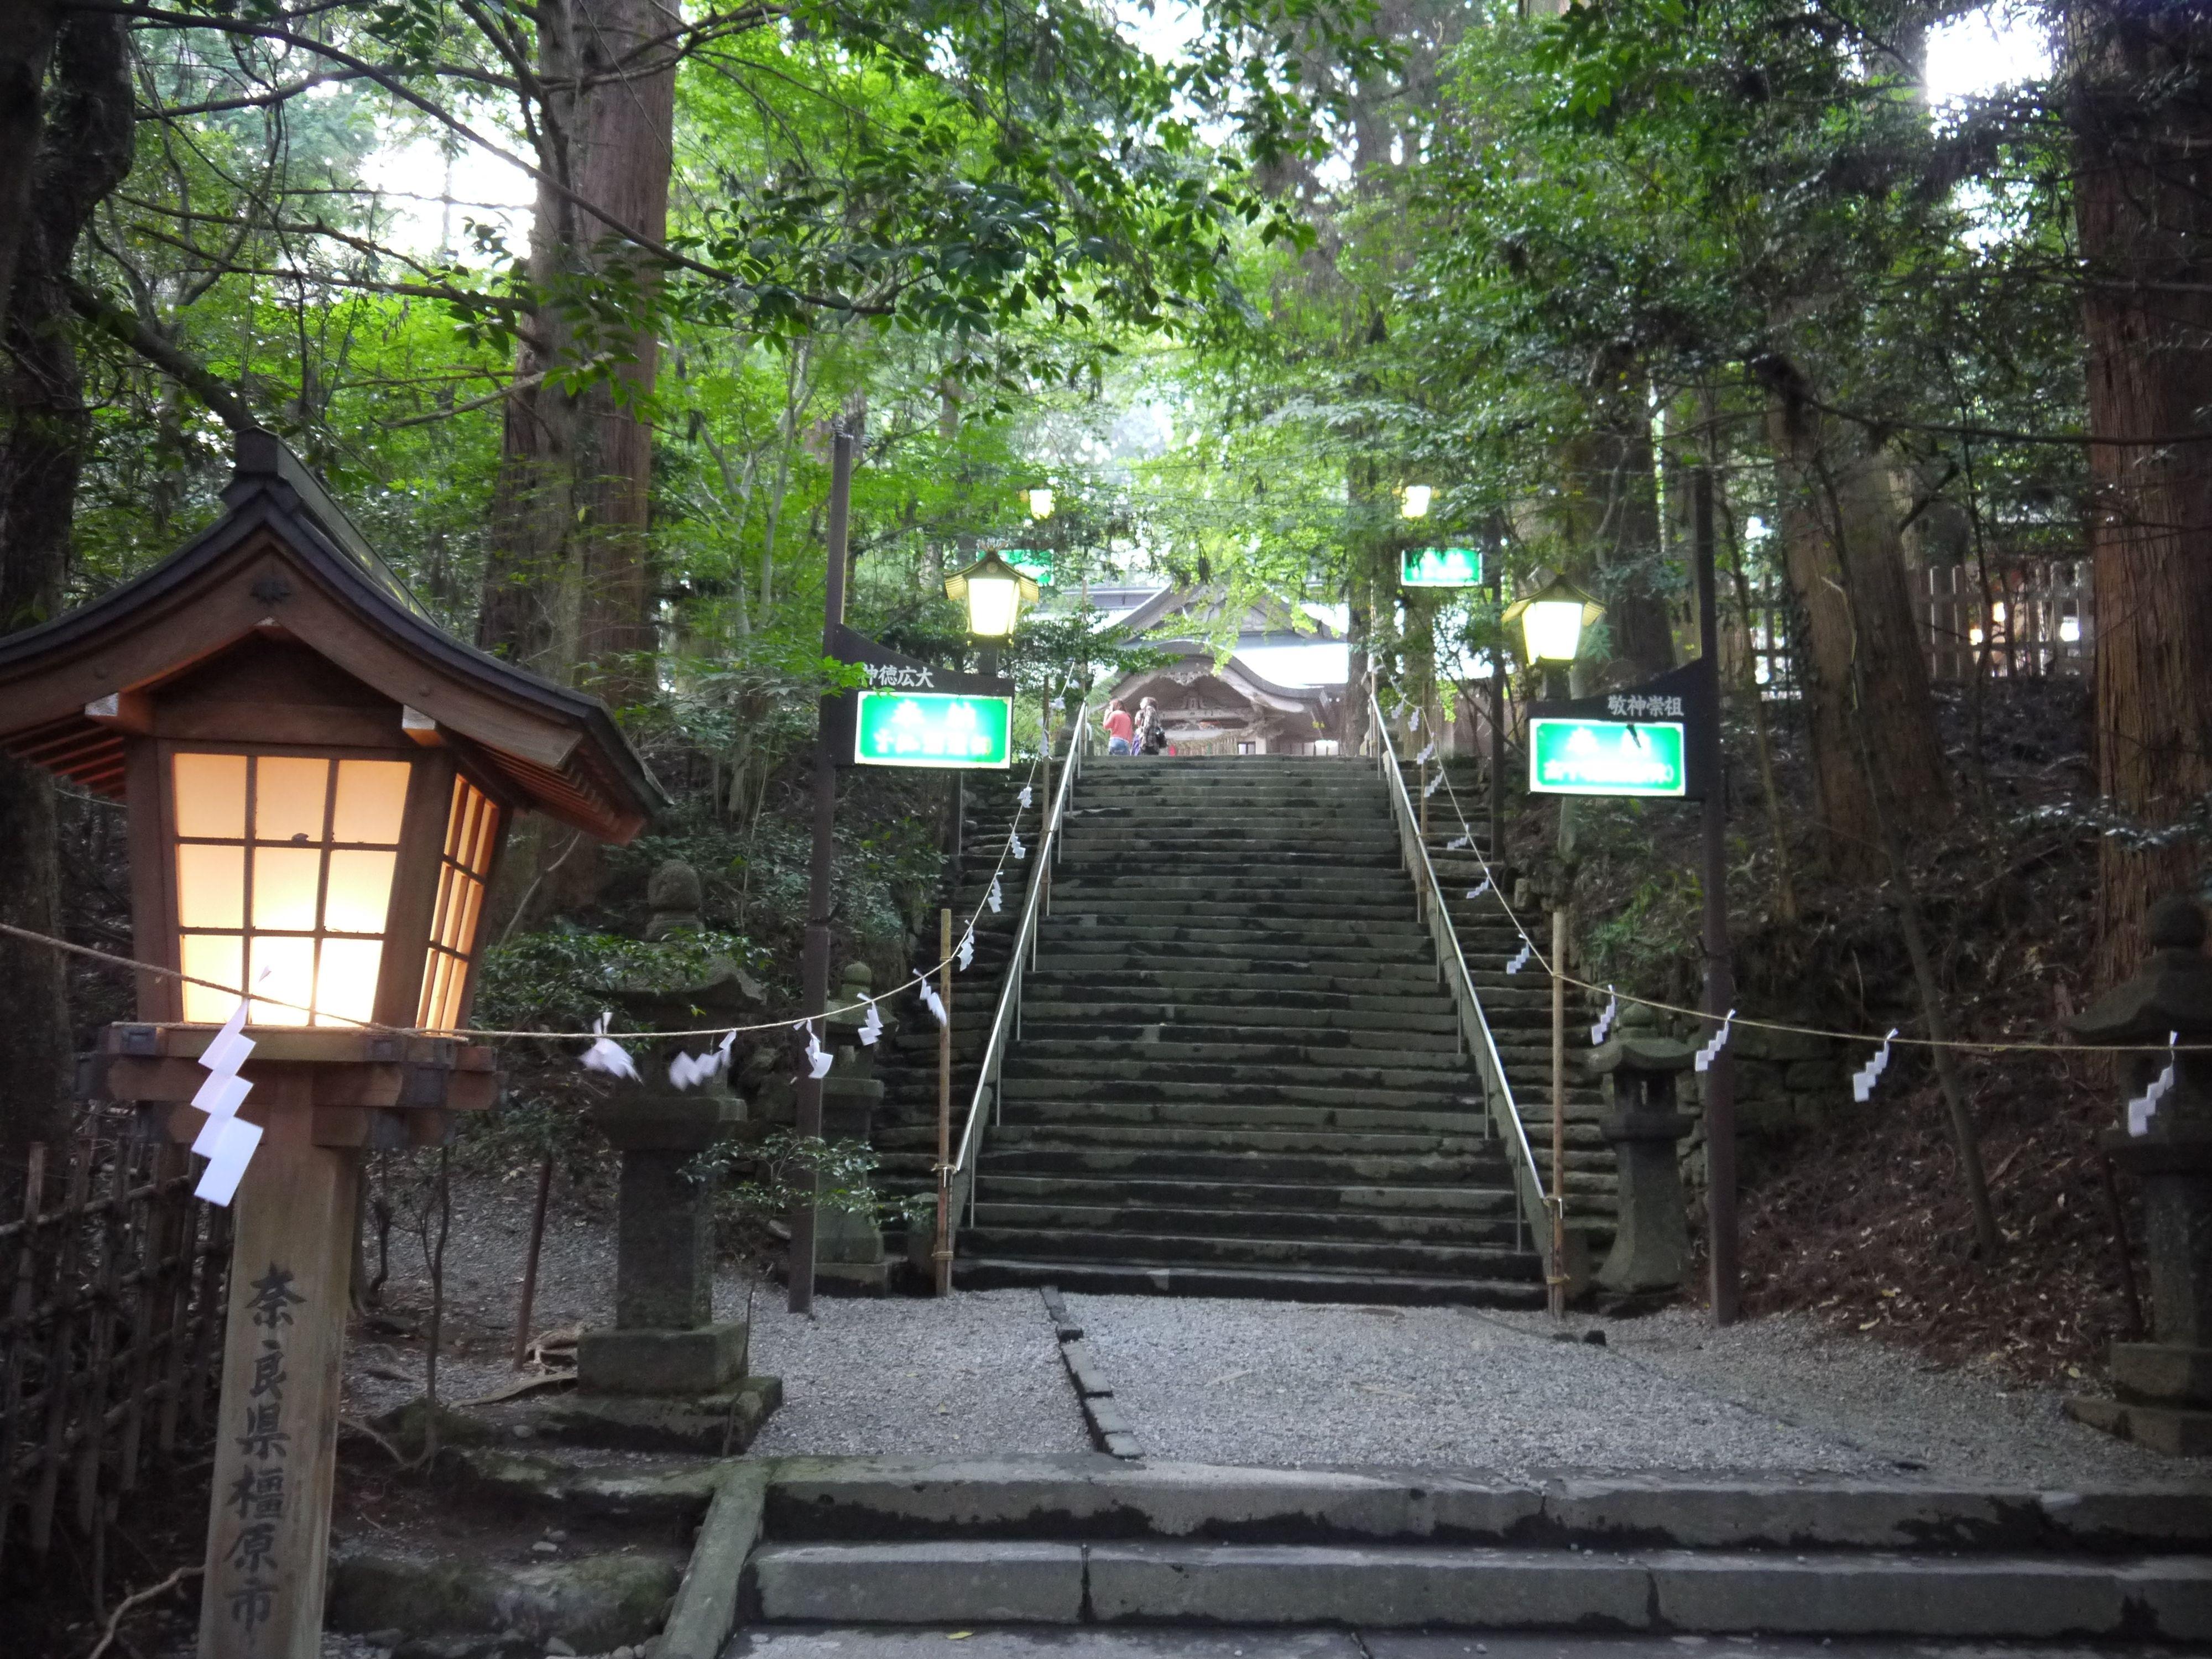 宮崎、高千穂神社。このお二人には御祈りする事がたくさん。